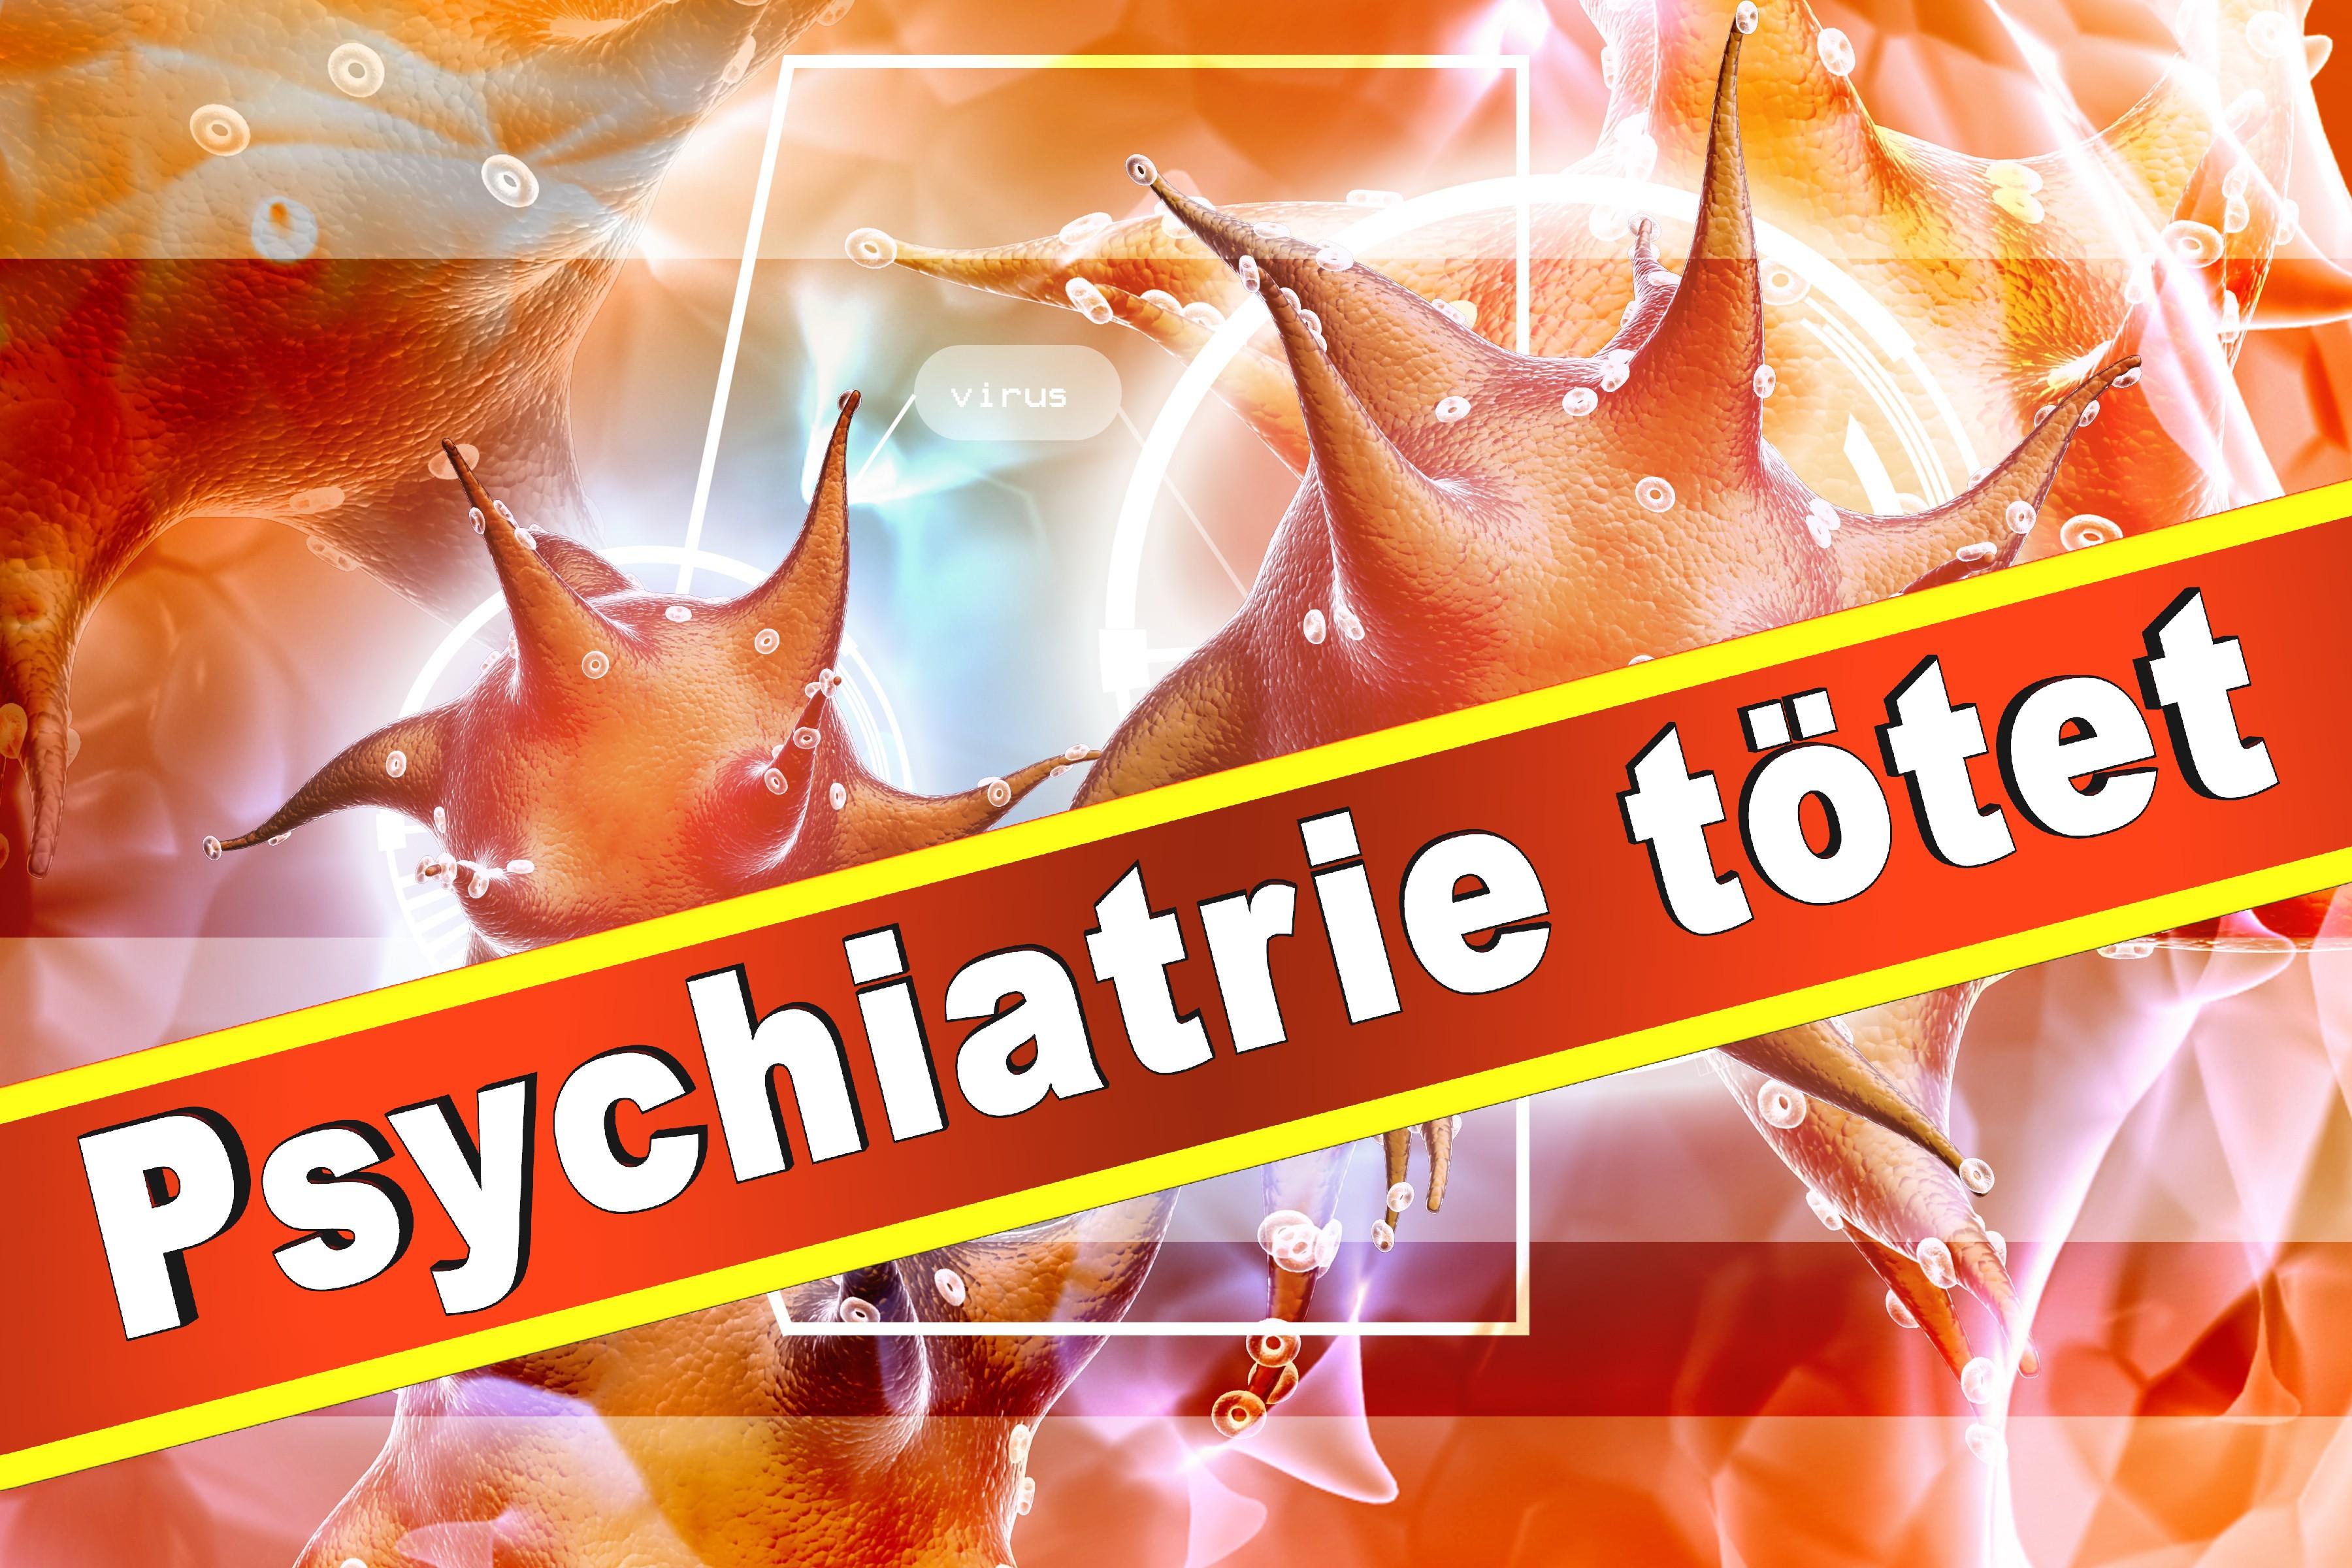 Dr Markus Just Arzt Hannover Gutachten Psychiater Facharzt Psychiatrie